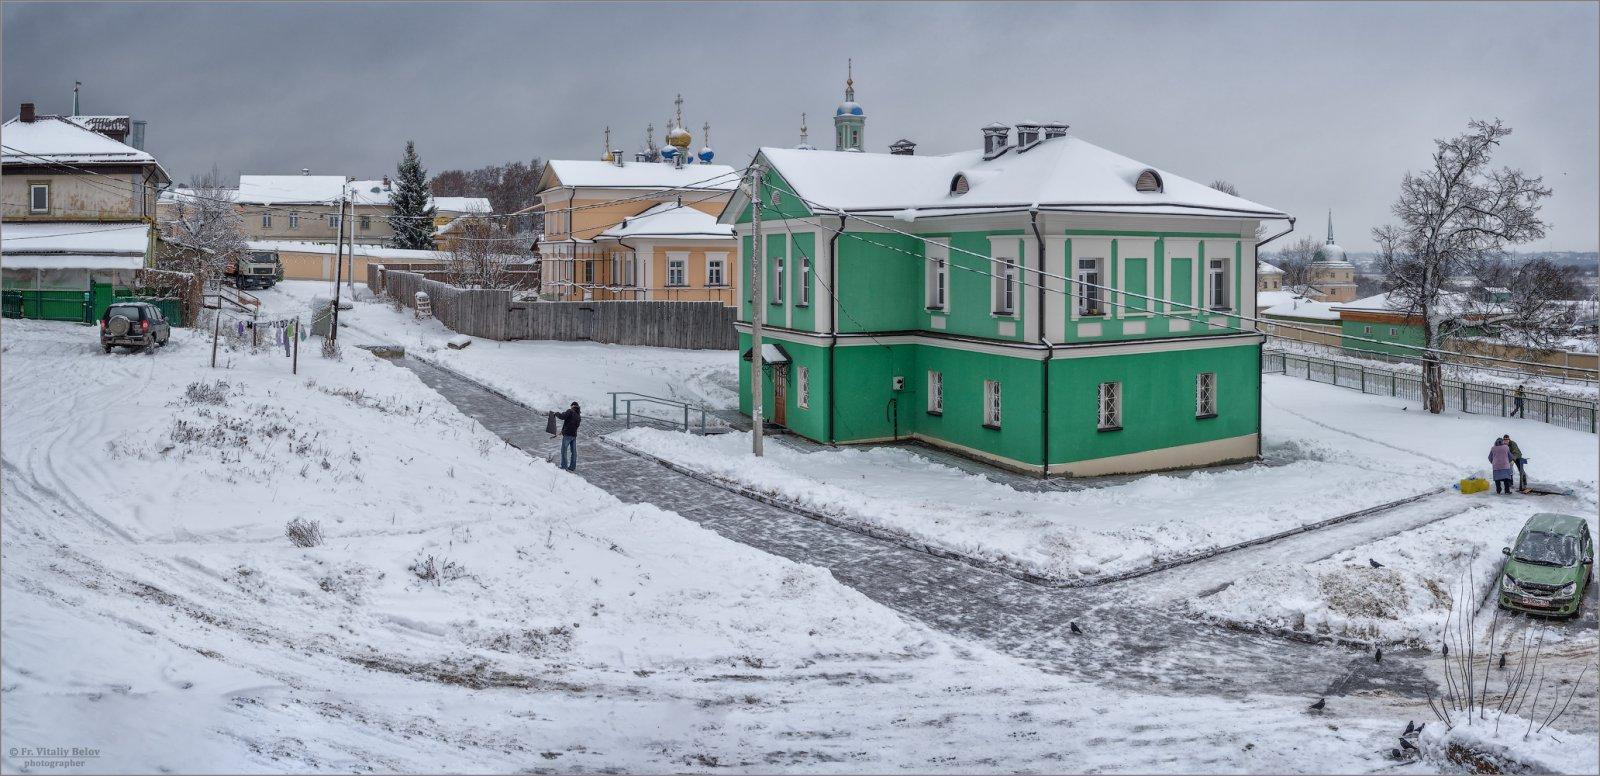 Реконструированные дома (снимок сделан 14 декабря 2018 г.)